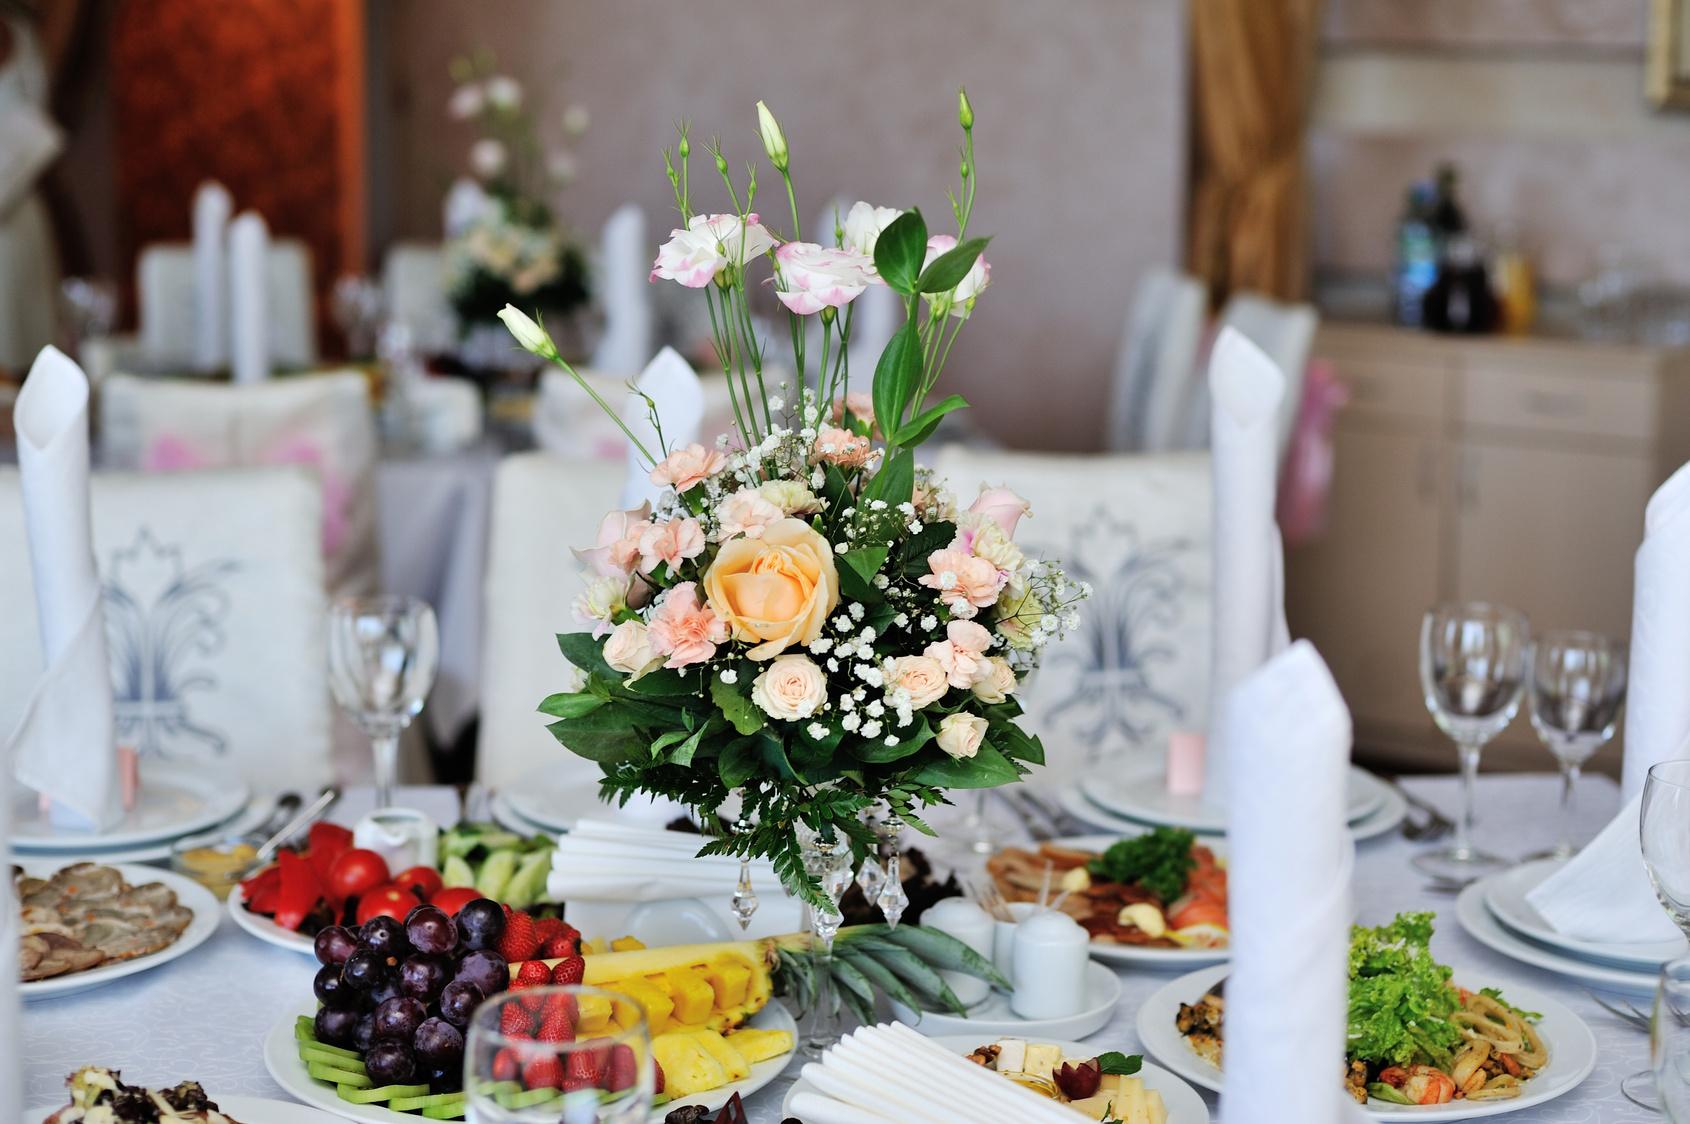 dekoracje weselne toruń dekoracje na ślub ciekawe dekoracje z papieru